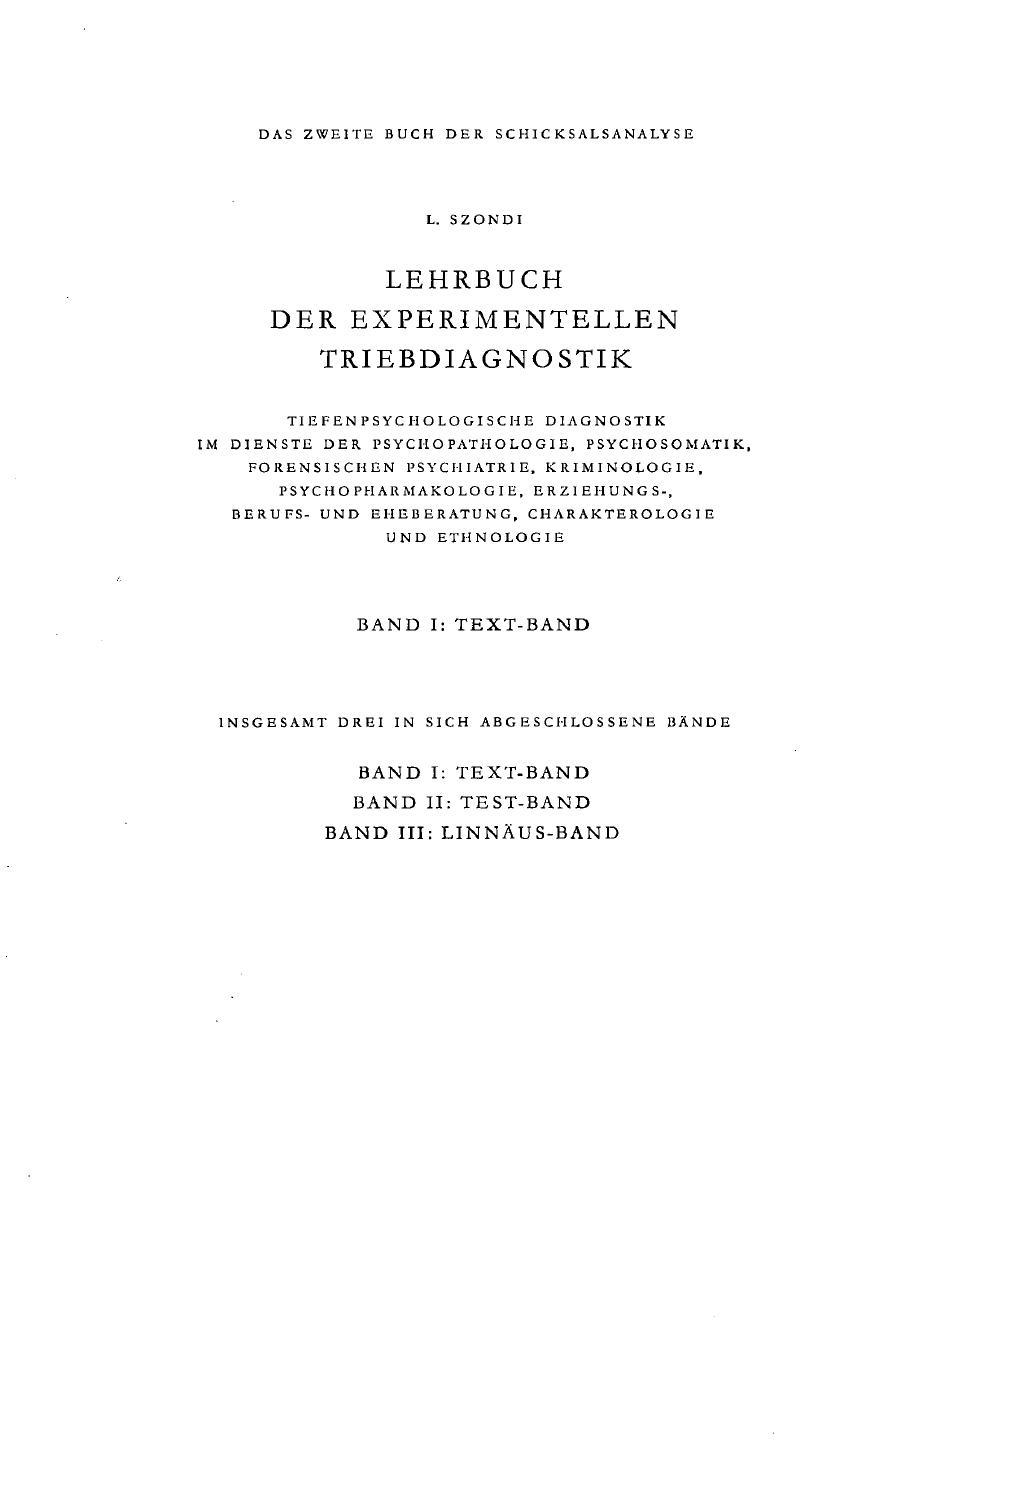 Lehrbuch der experimentellen triebdiagnostik l szondi by Szondi ...